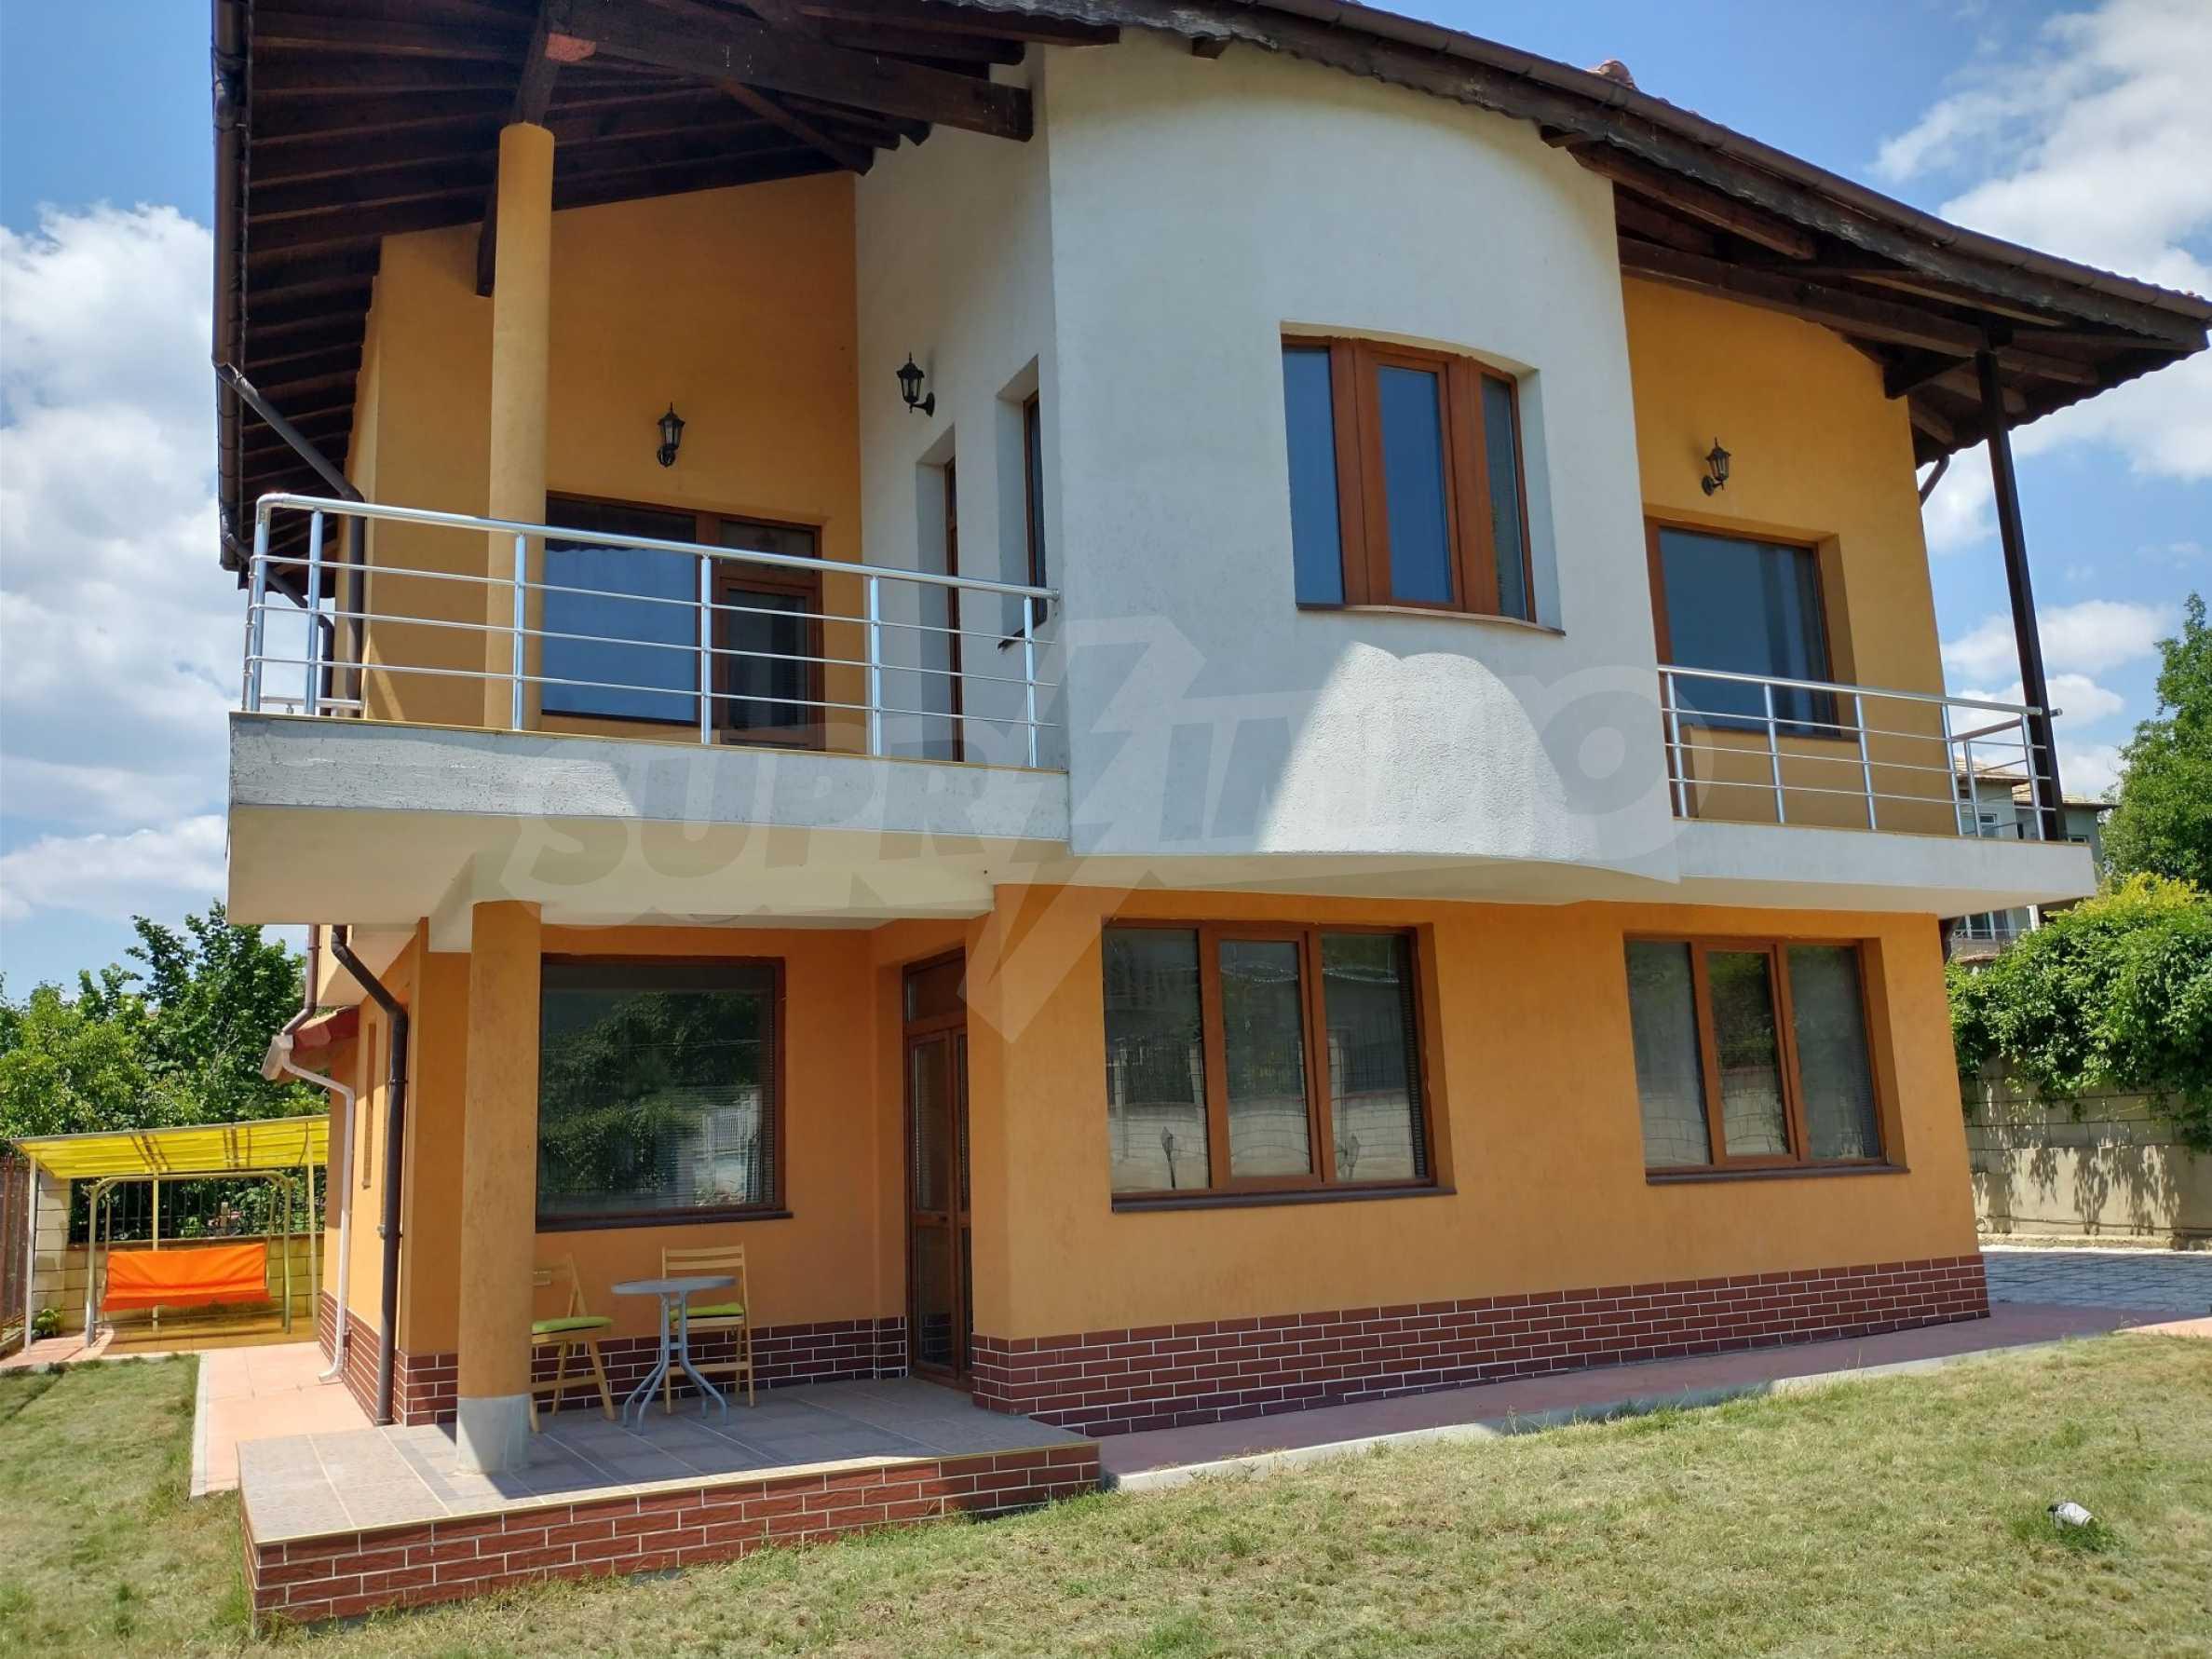 The Orange House 1